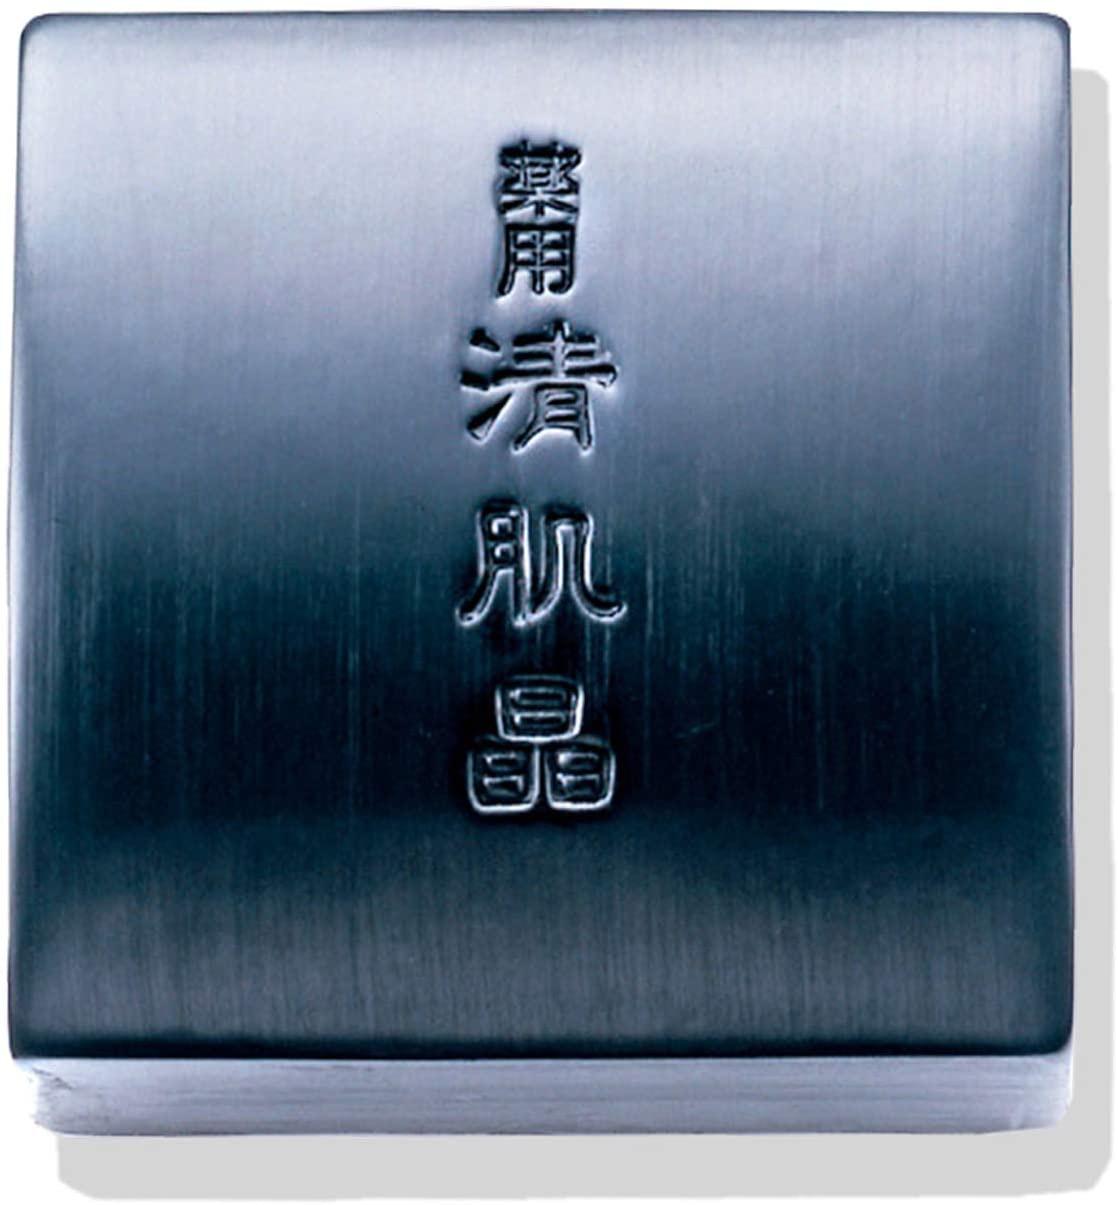 清肌晶(セイキショウ) 薬用 洗顔石鹸の商品画像3